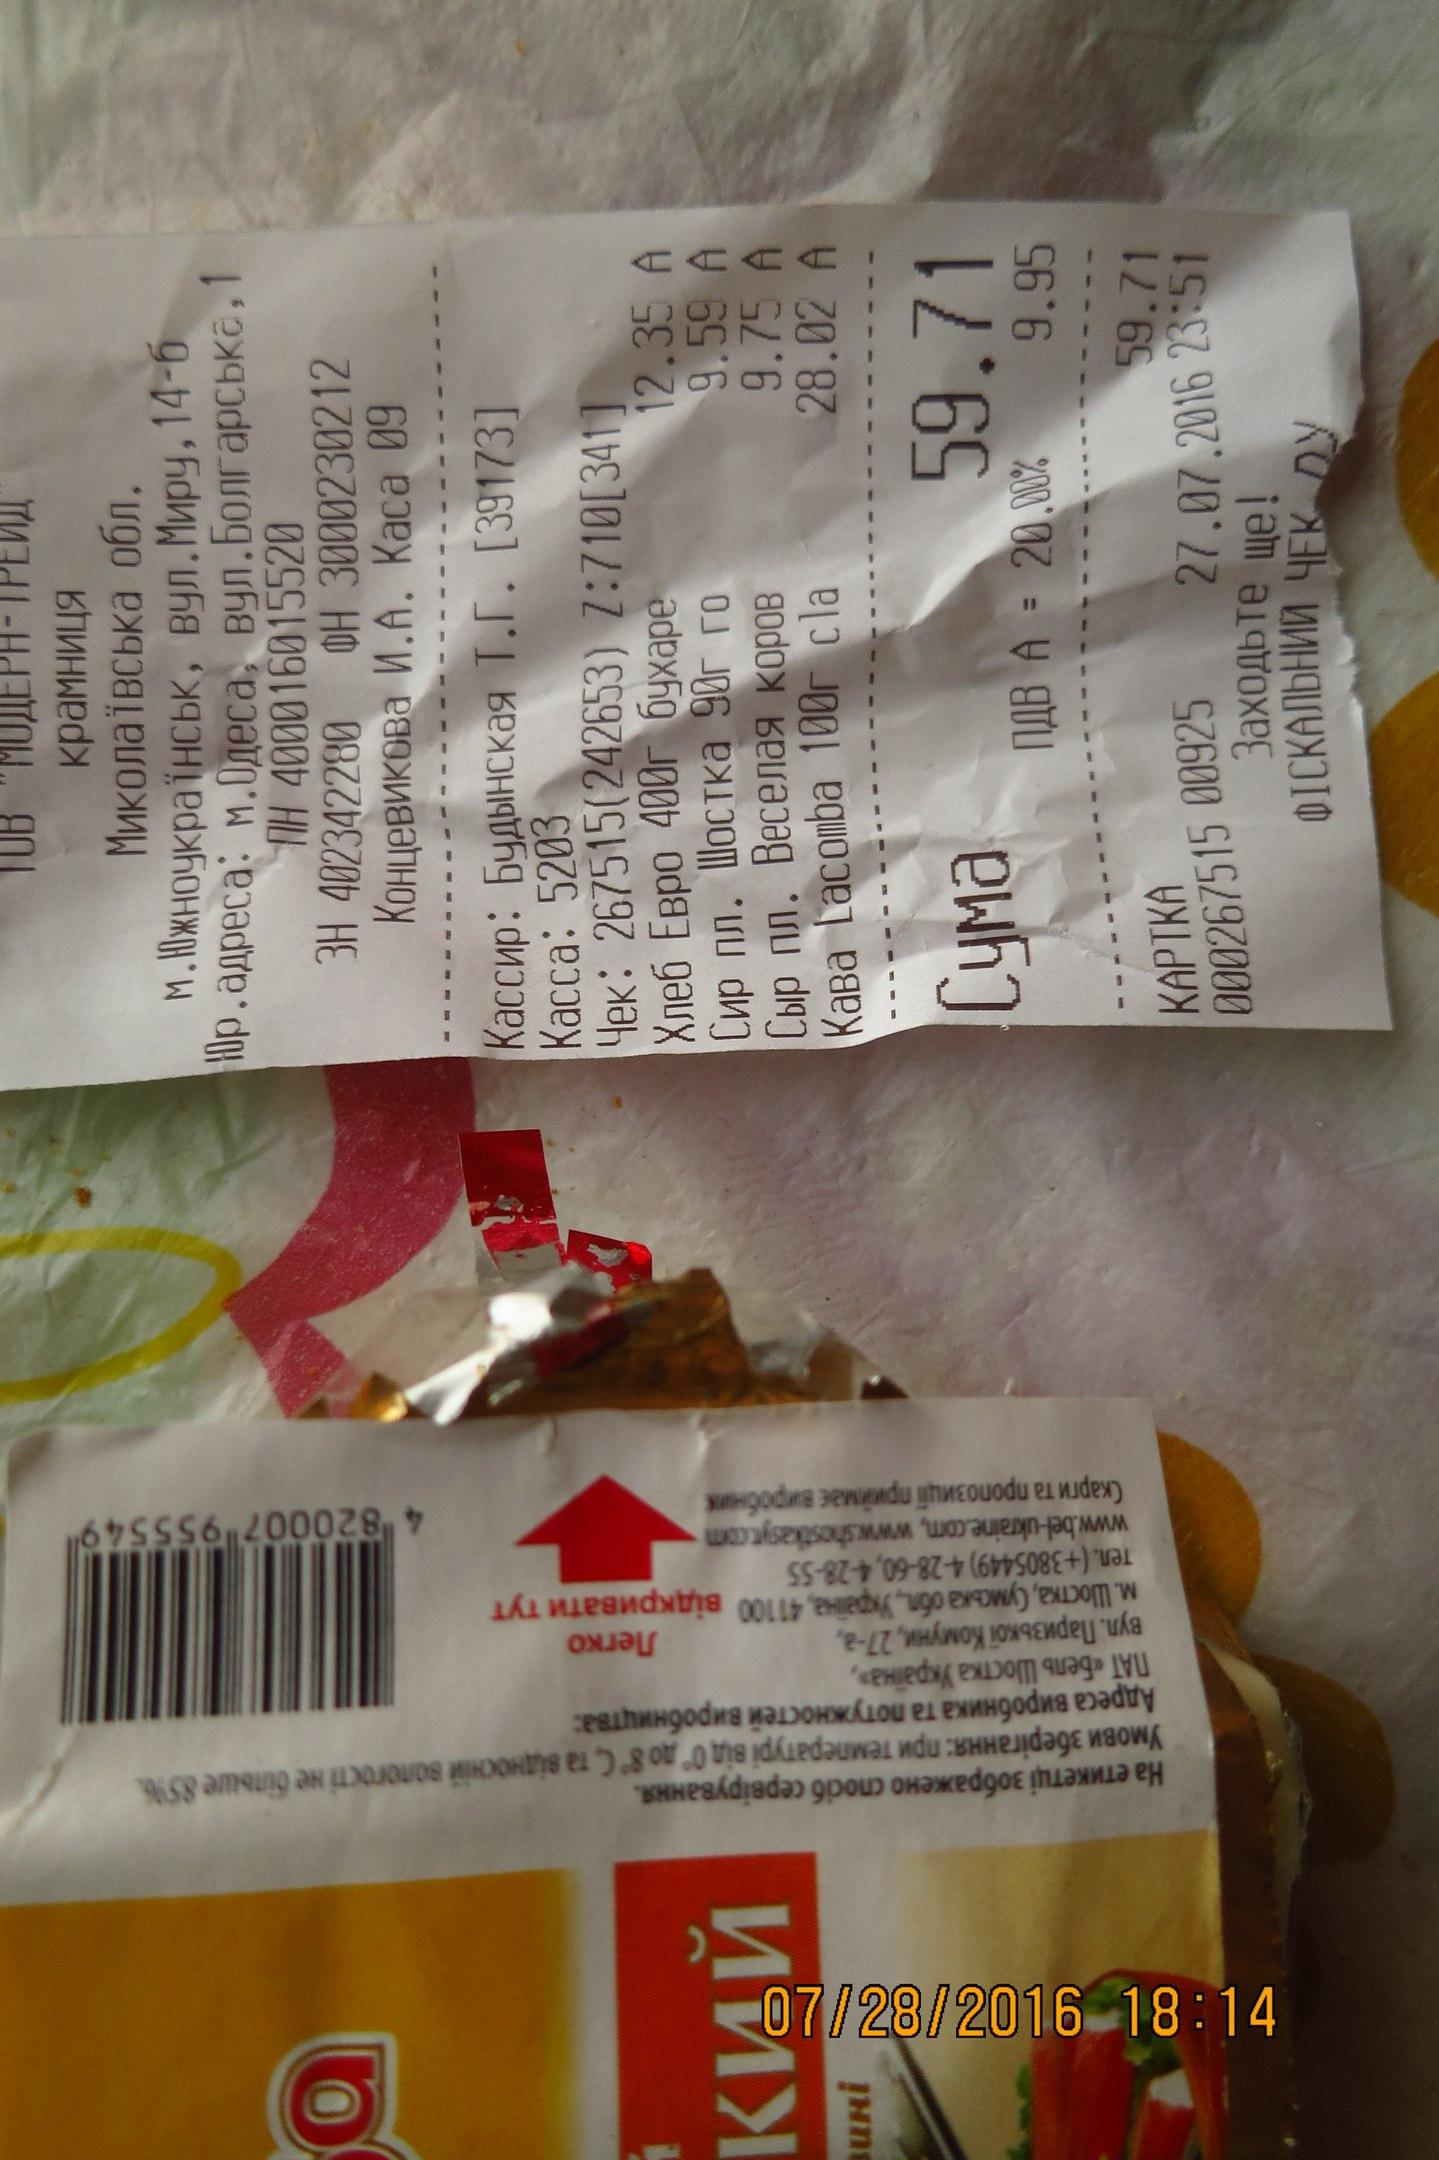 Сир з цвіллю: як на Миколаївщині труять покупців - фото 3